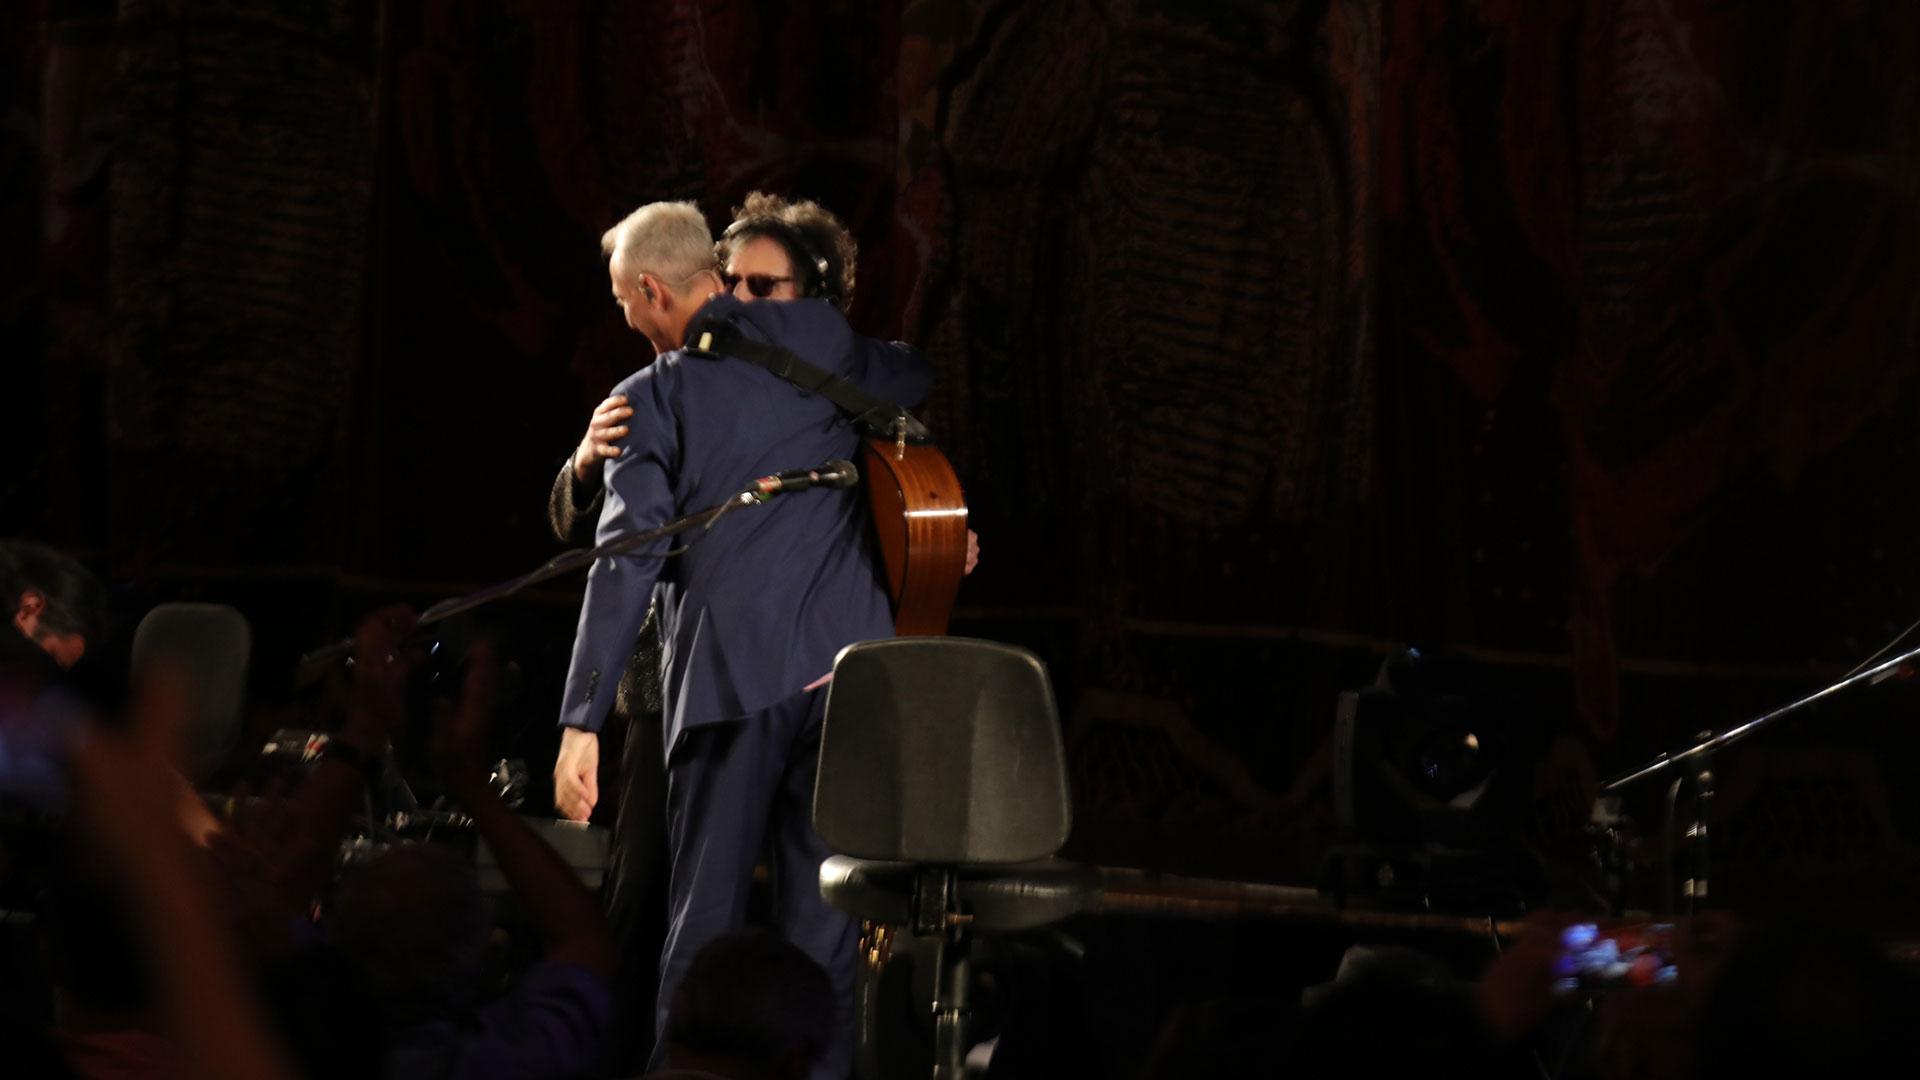 El saludo de Charly García con Pedro Aznar en el escenario del Teatro Colón